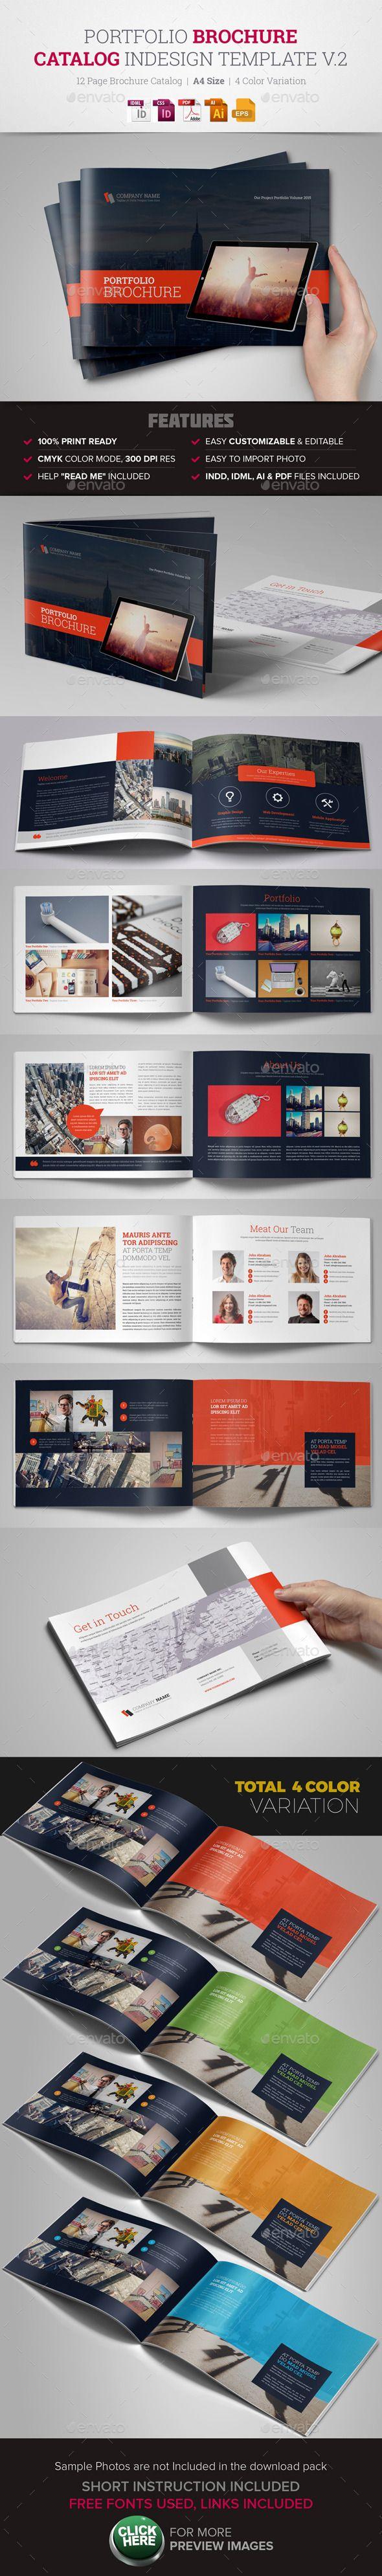 Portfolio Brochure InDesign Template v2 | Anuarios, Folletos y ...